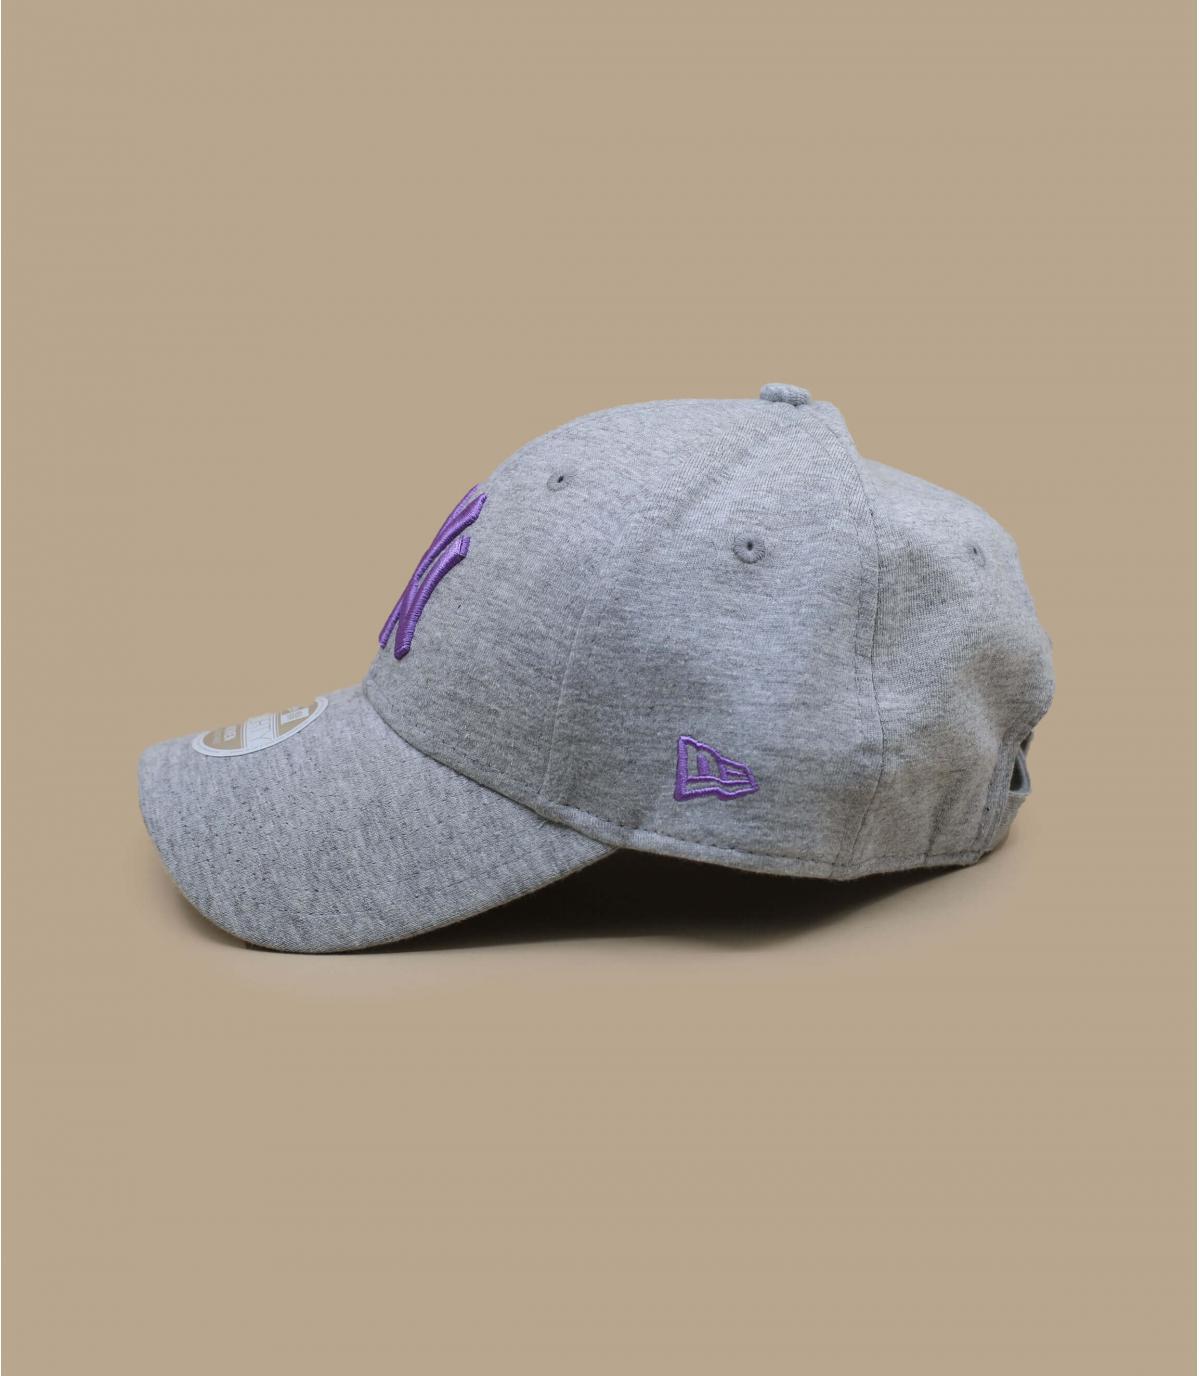 Detalles Wmn Jersey Ess 940 NY grey lavendar imagen 3